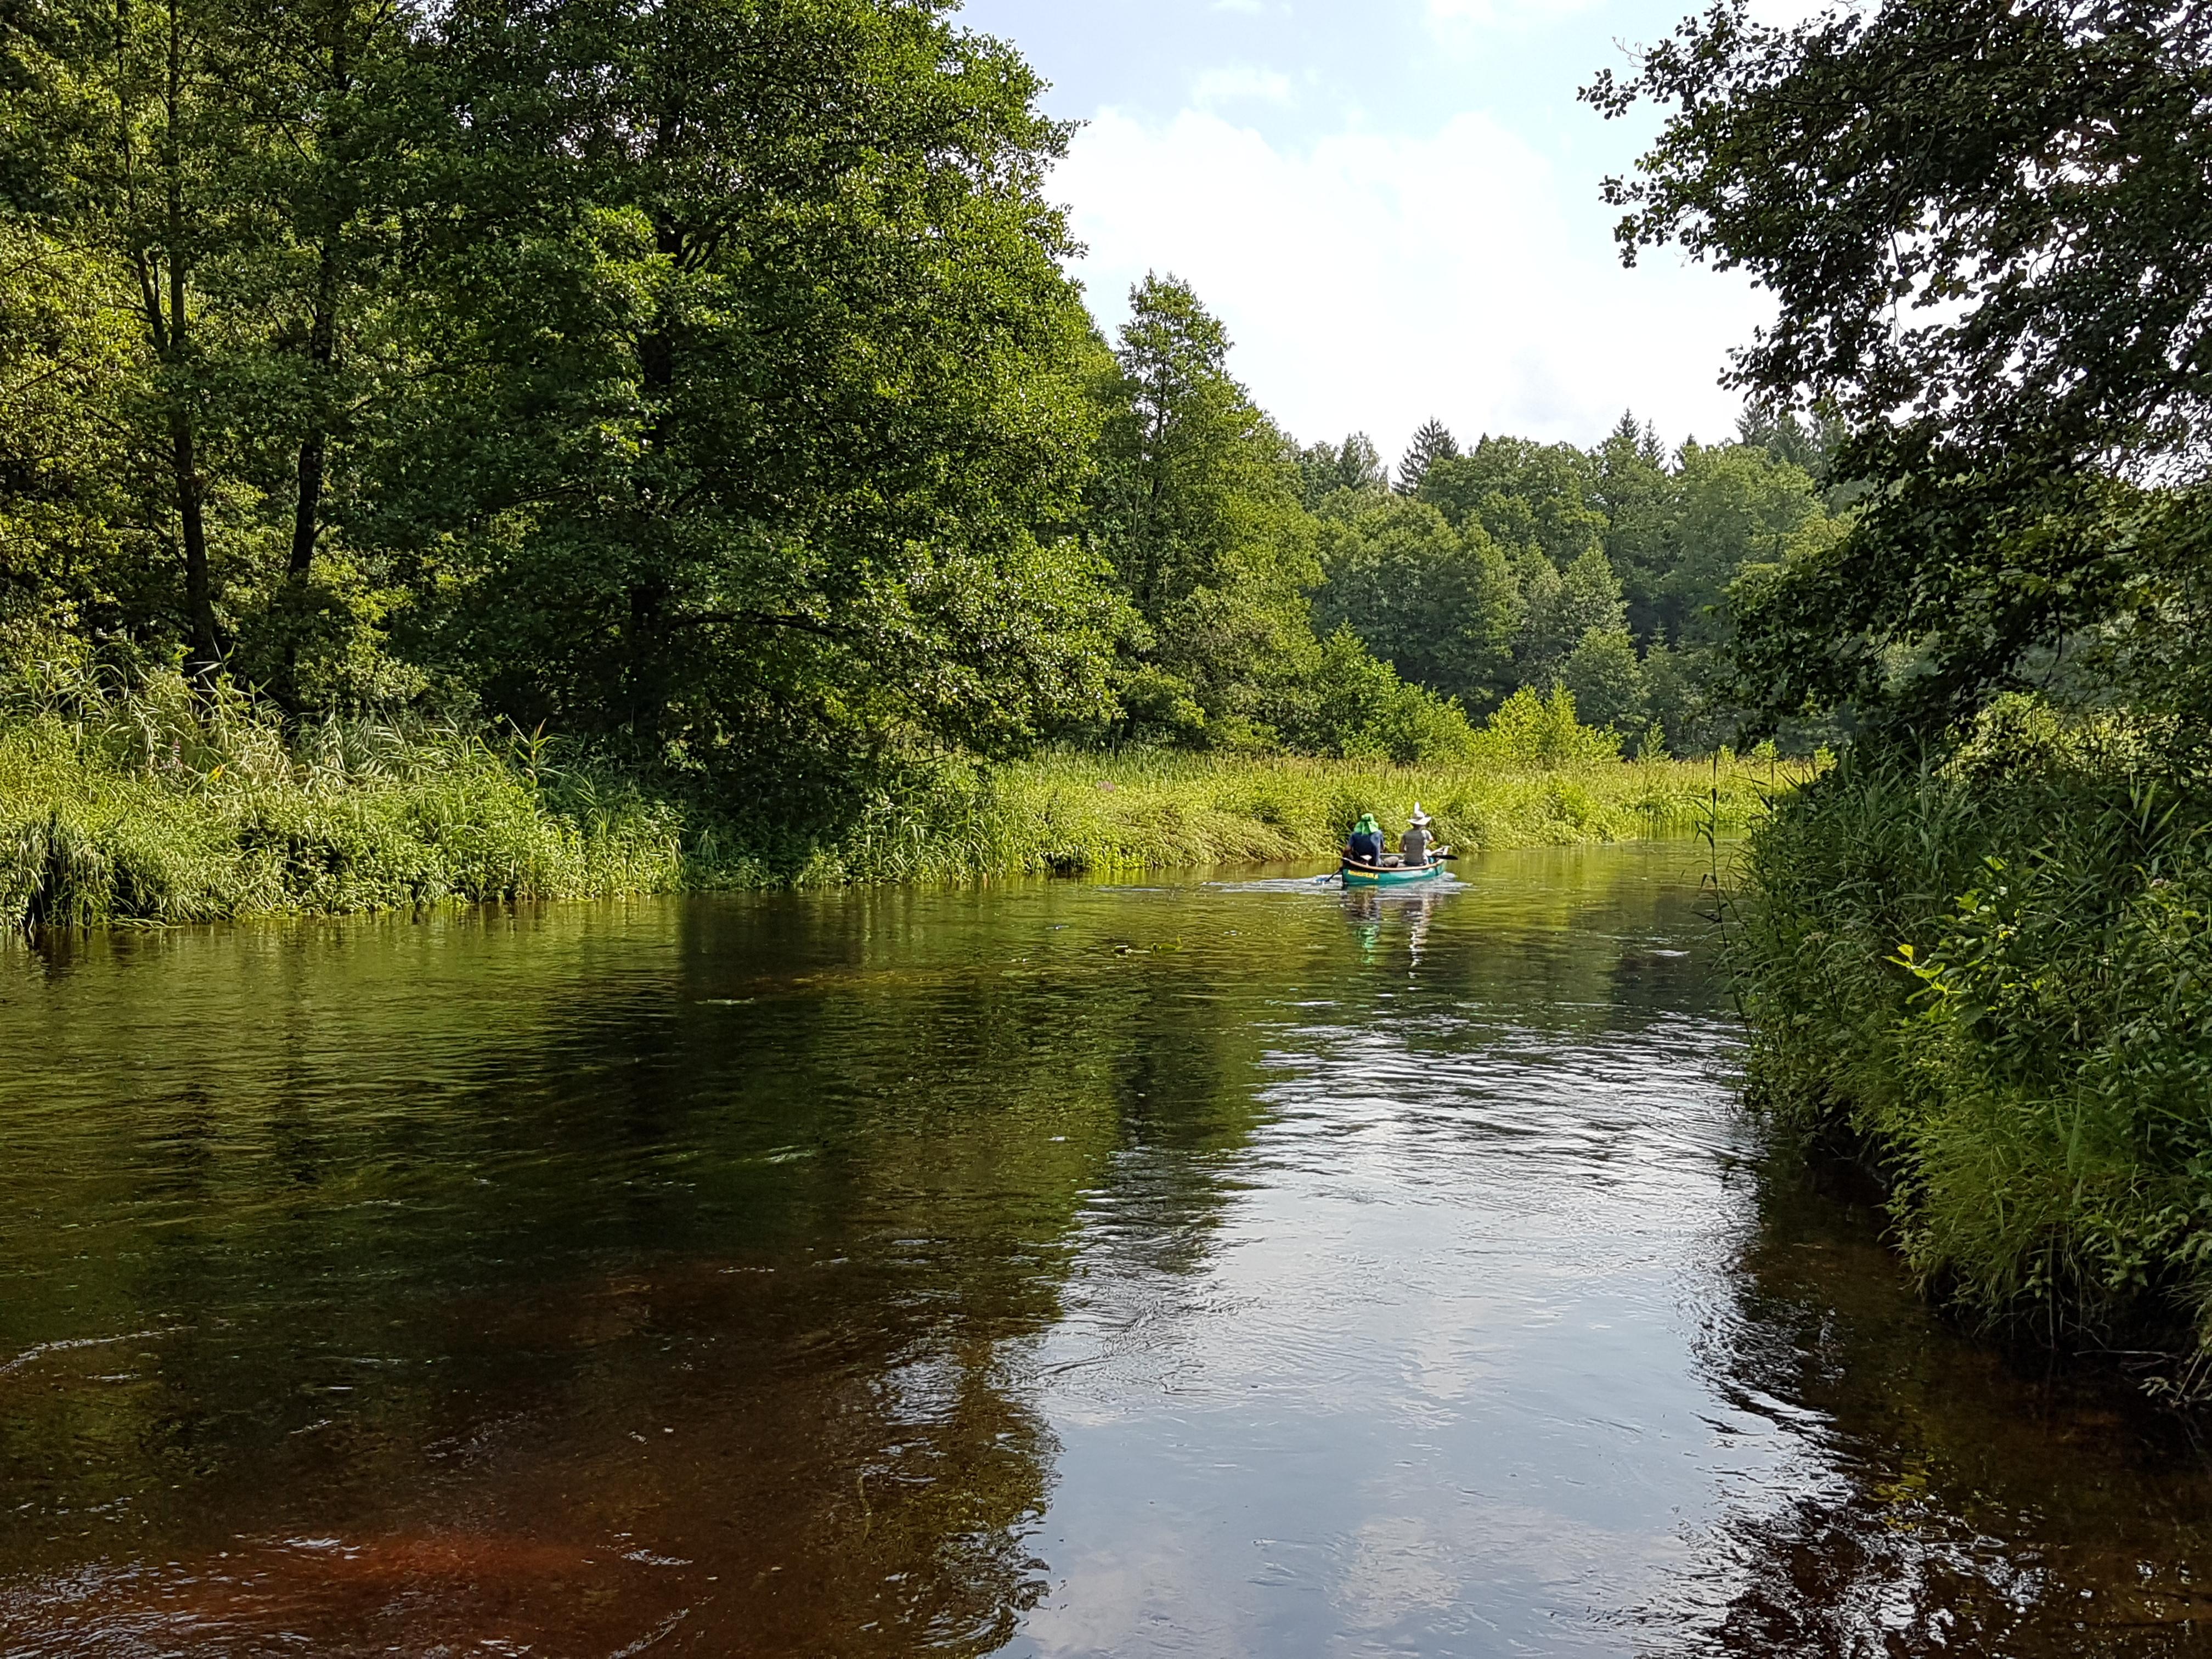 Artykuł: Już tylko jedna trzecia najdłuższych rzek na świecie nie została przekształcona przez człowieka i płynie swobodnie!